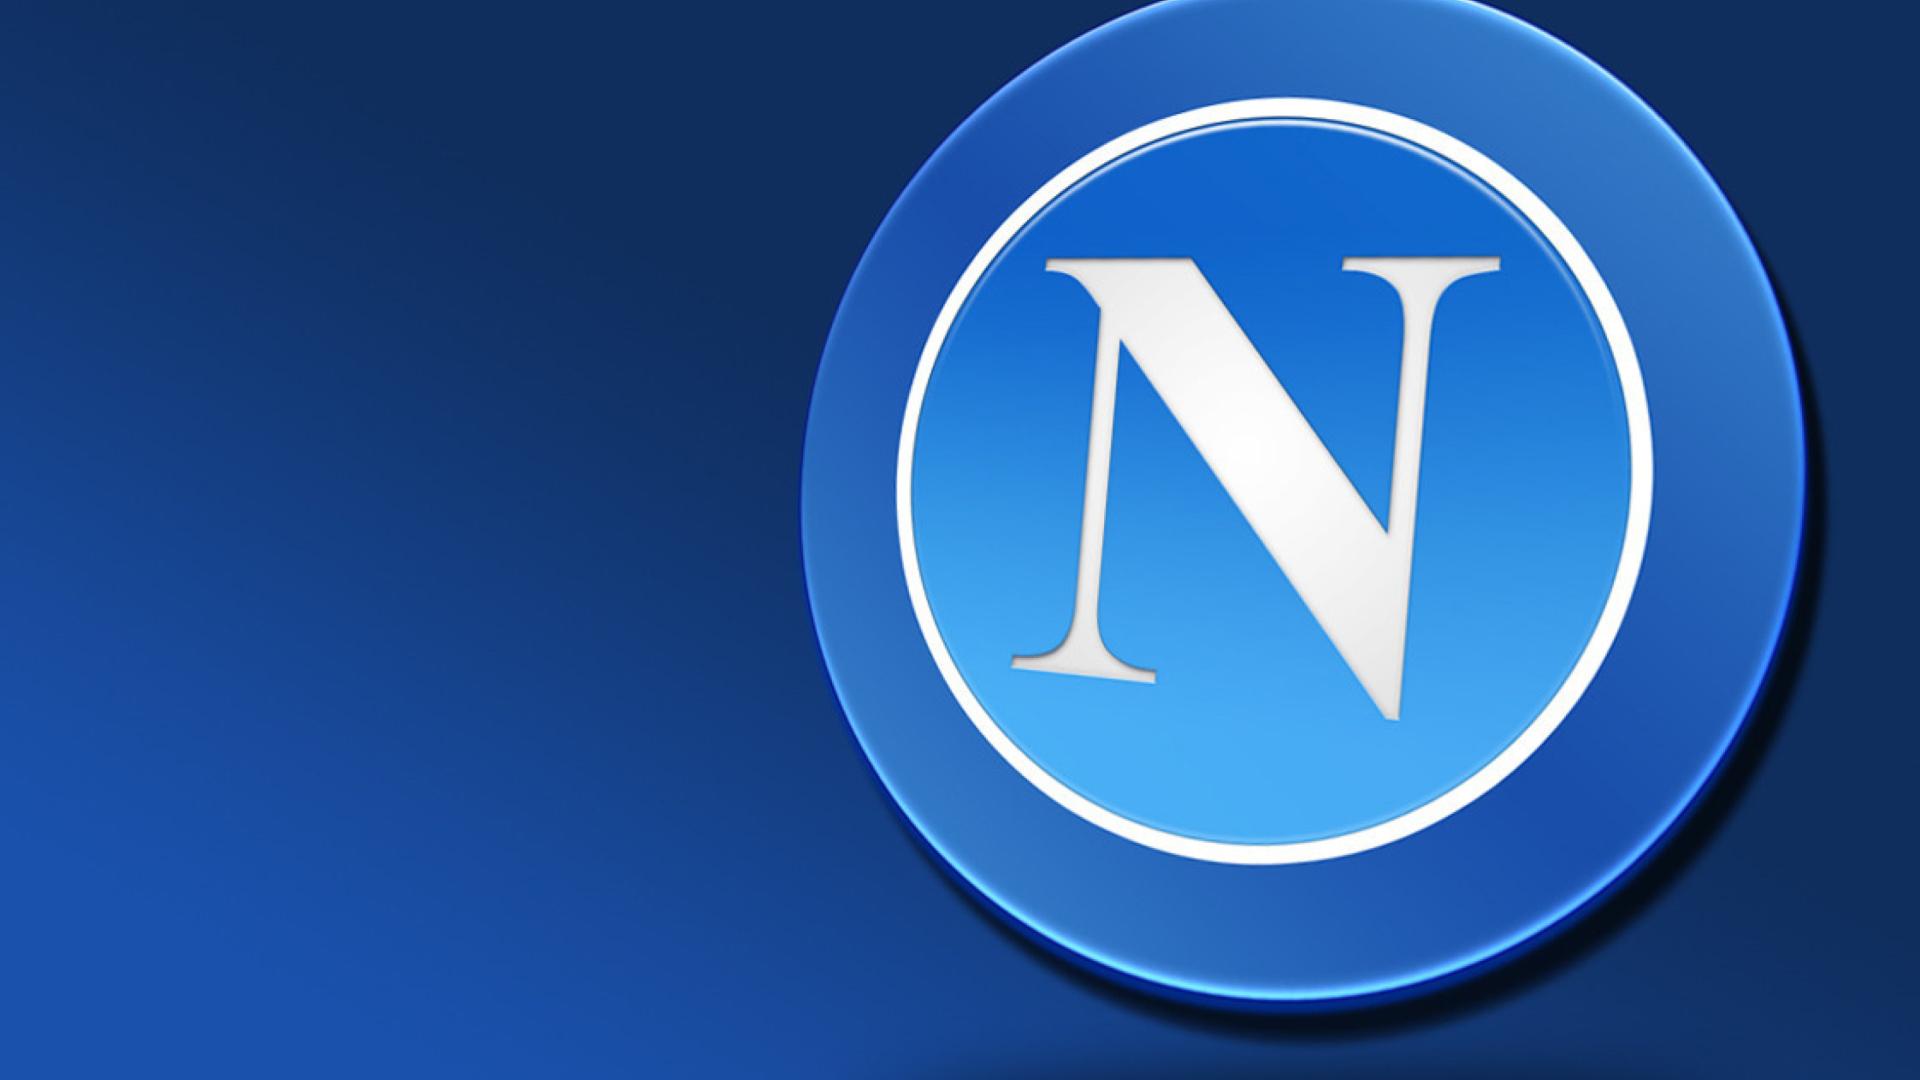 Napoli sfondi gratuiti per desktop 1920x1080 full hd for Sfondi 1920x1080